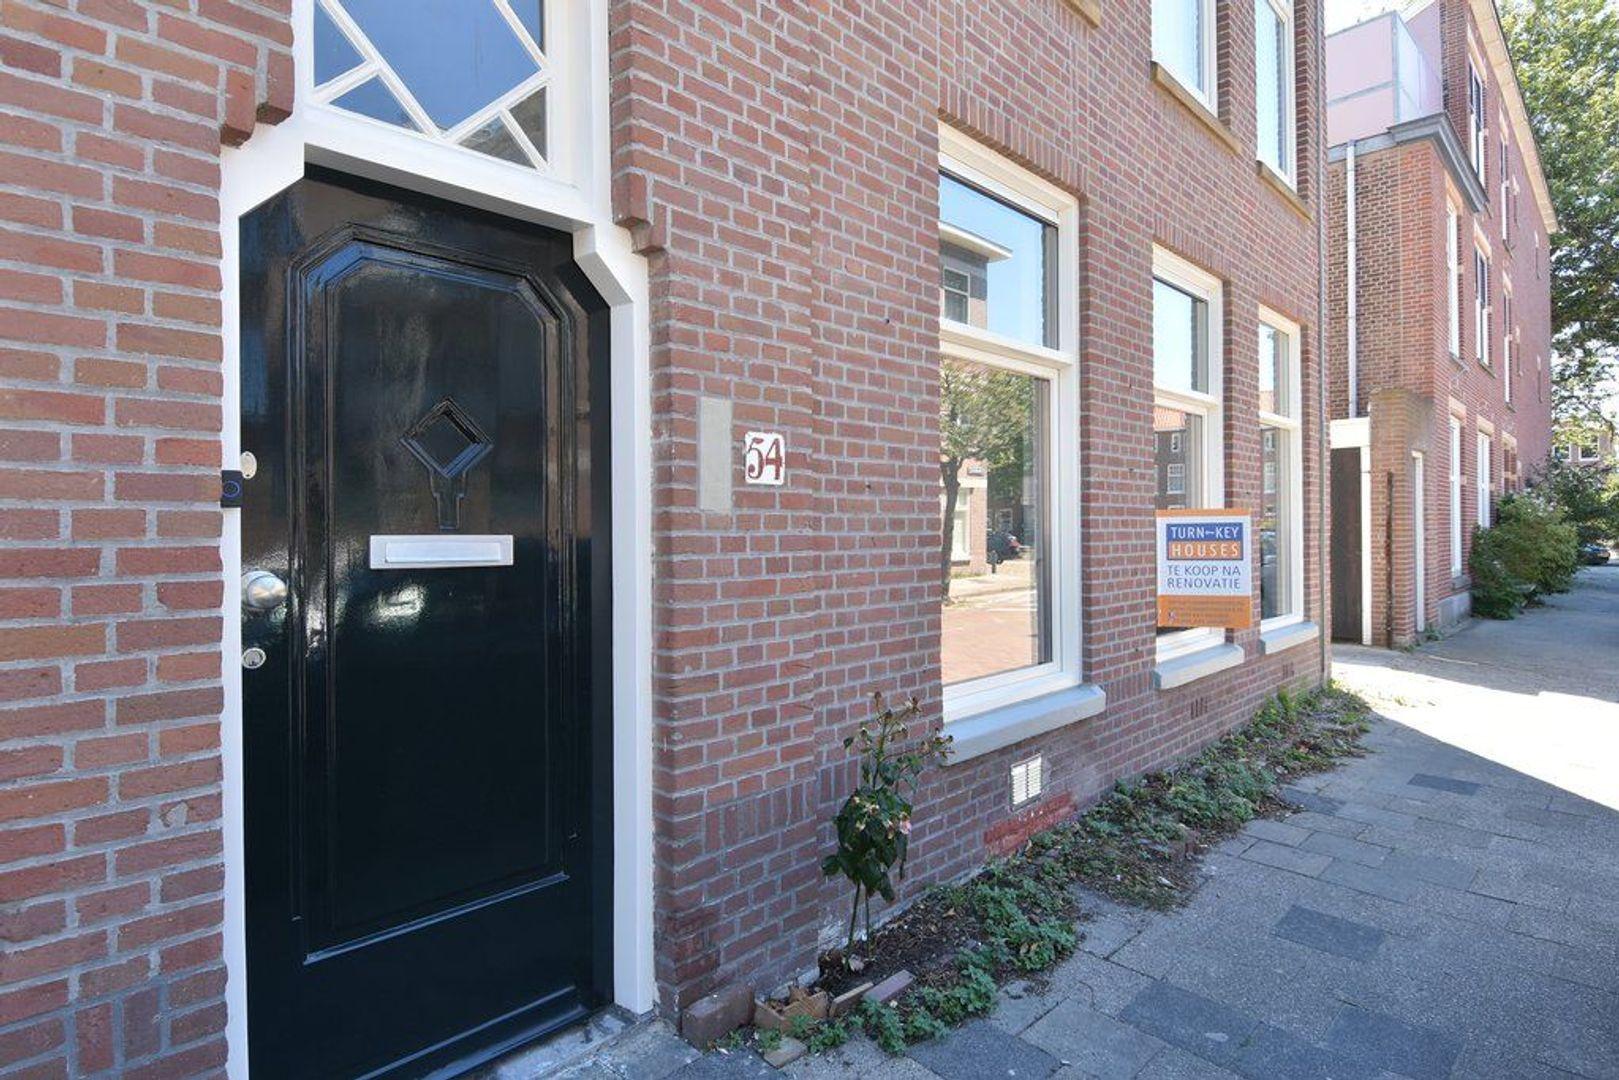 Abeelstraat 54, Den Haag foto-1 blur